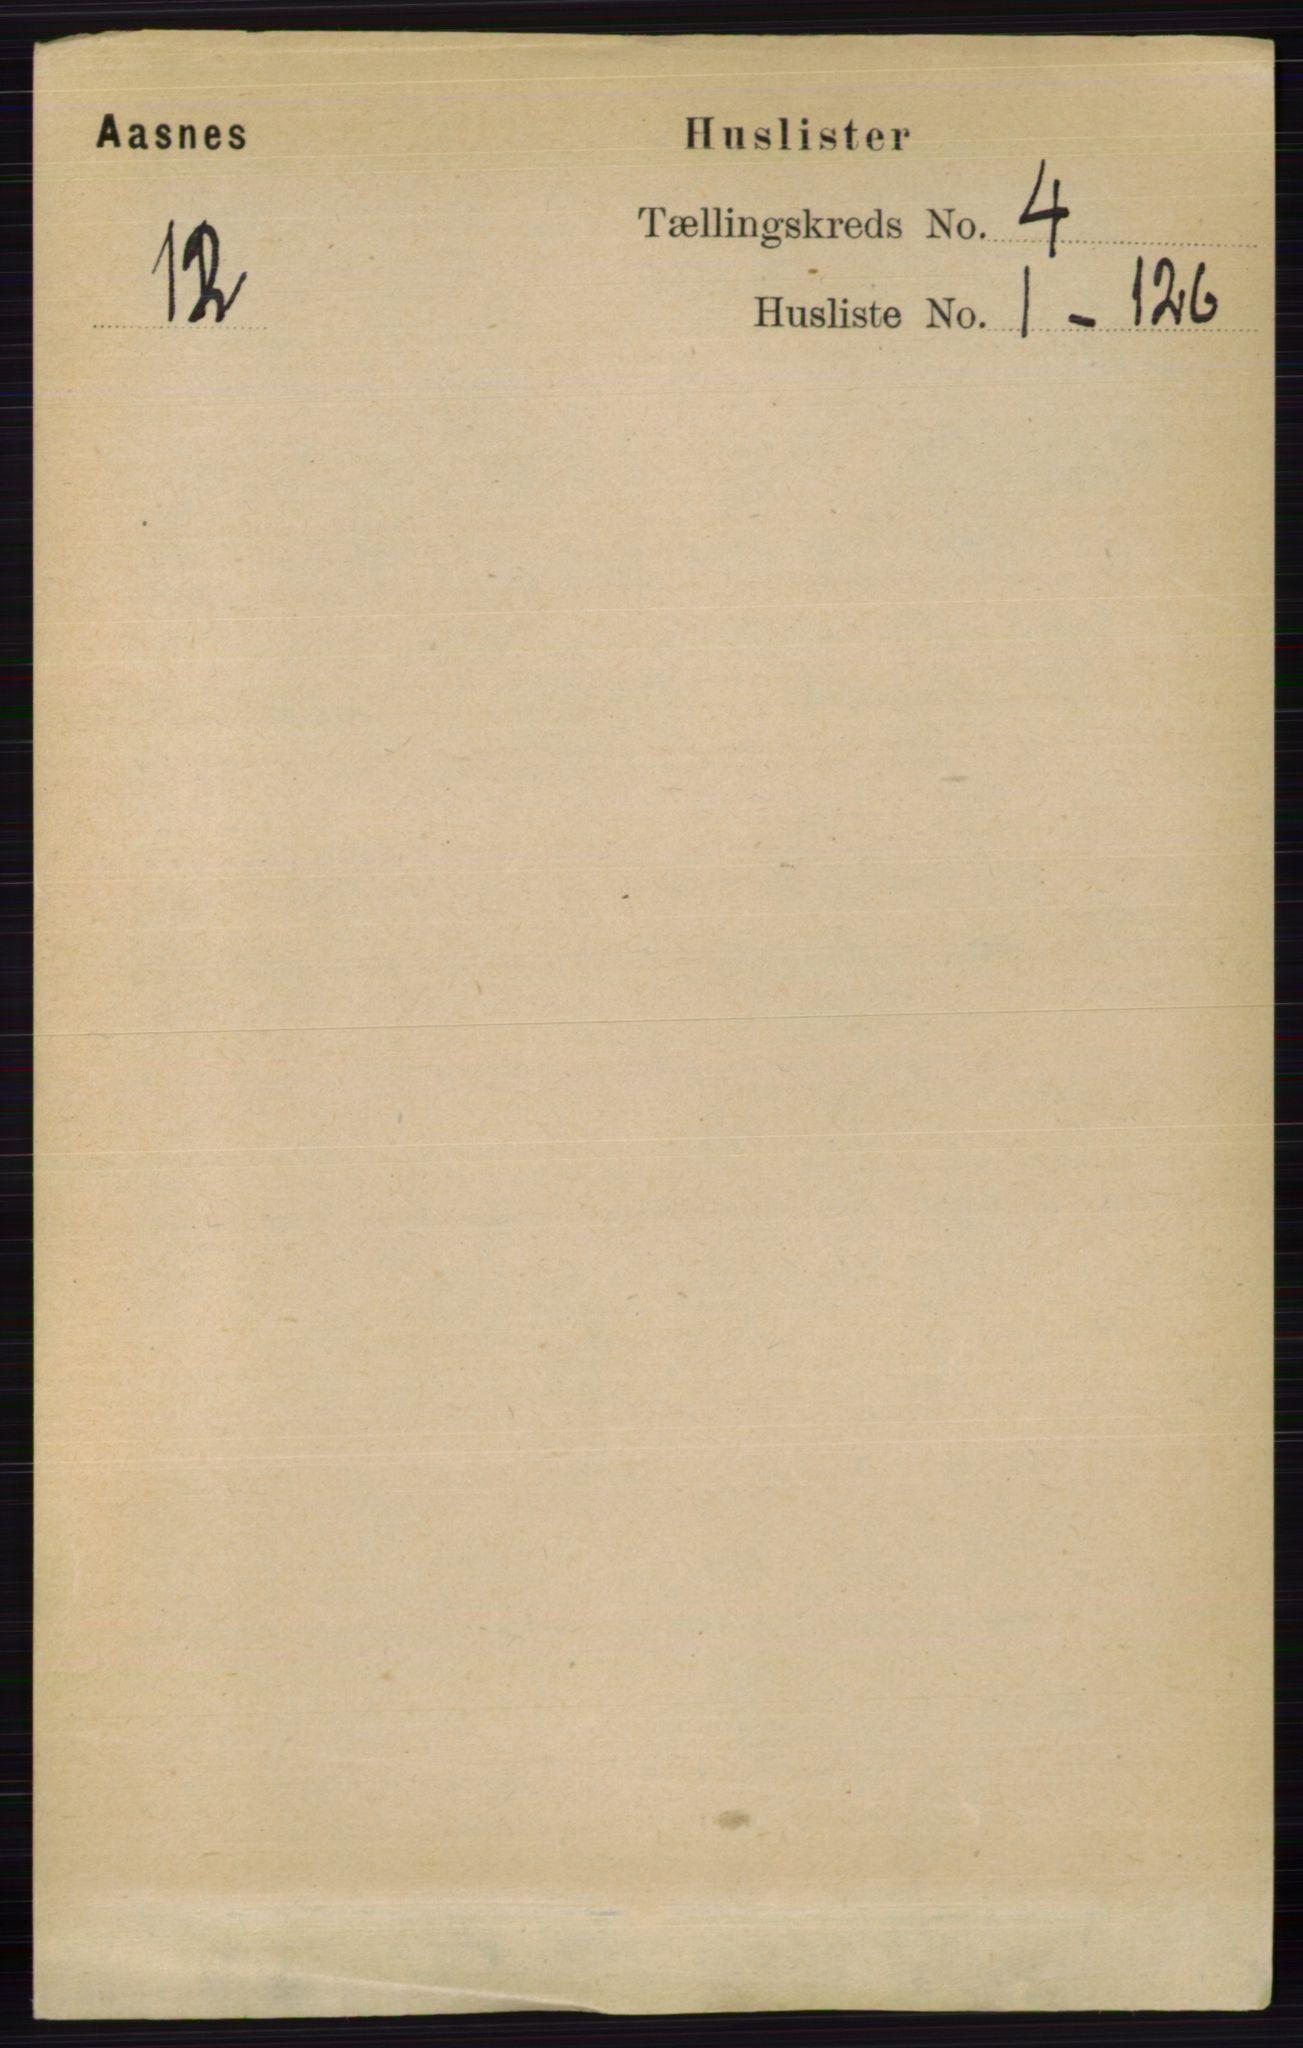 RA, Folketelling 1891 for 0425 Åsnes herred, 1891, s. 1542